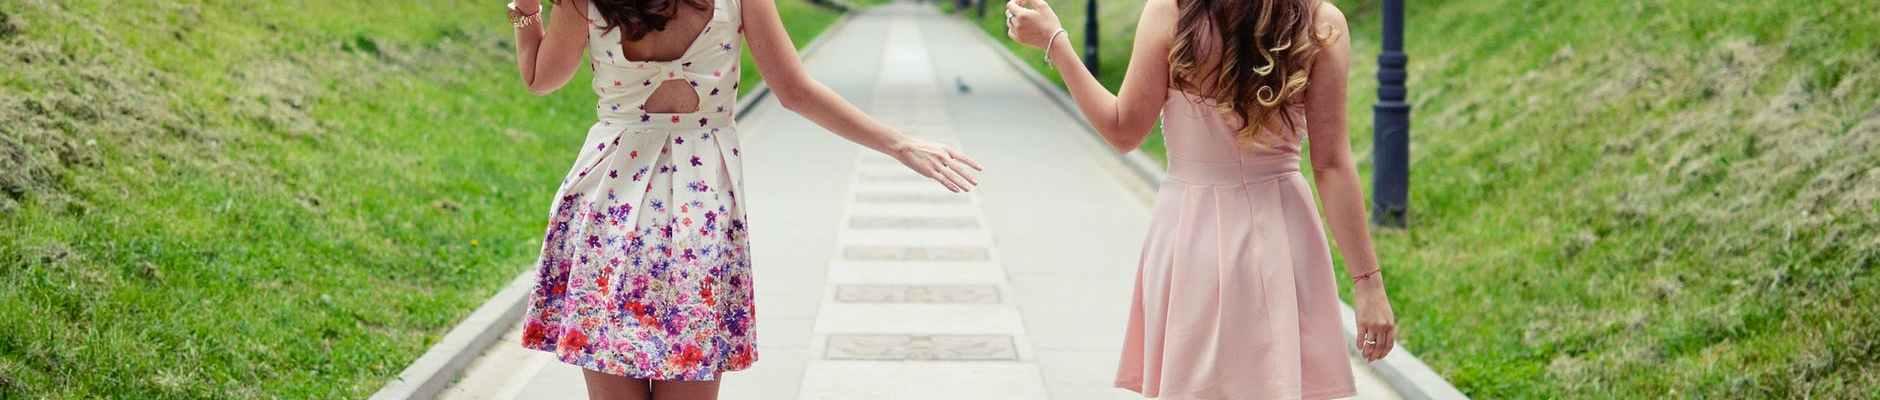 U ženskom prijateljstvu ne smije biti tabu tema, Bajka za odrasle žene, Kad prekidi s prijateljima bole kao i prekidi ljubavi